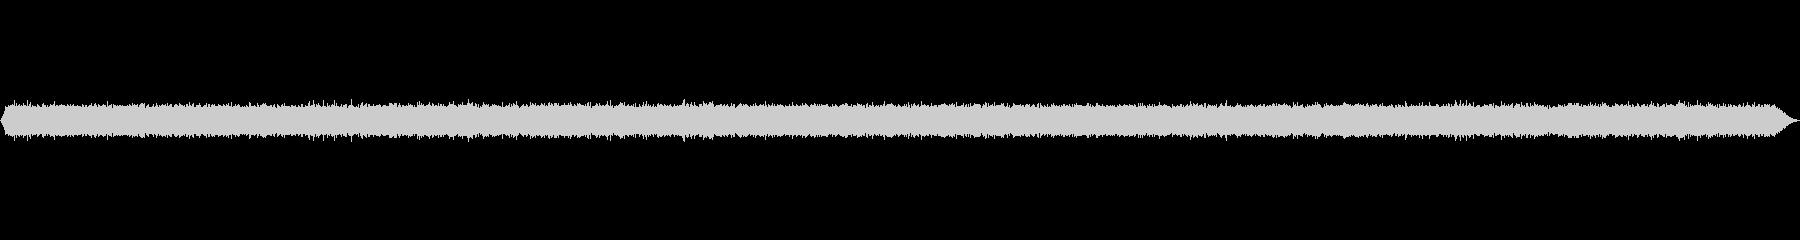 愛媛県松野町滑床渓谷の自然音 - 水の音の未再生の波形